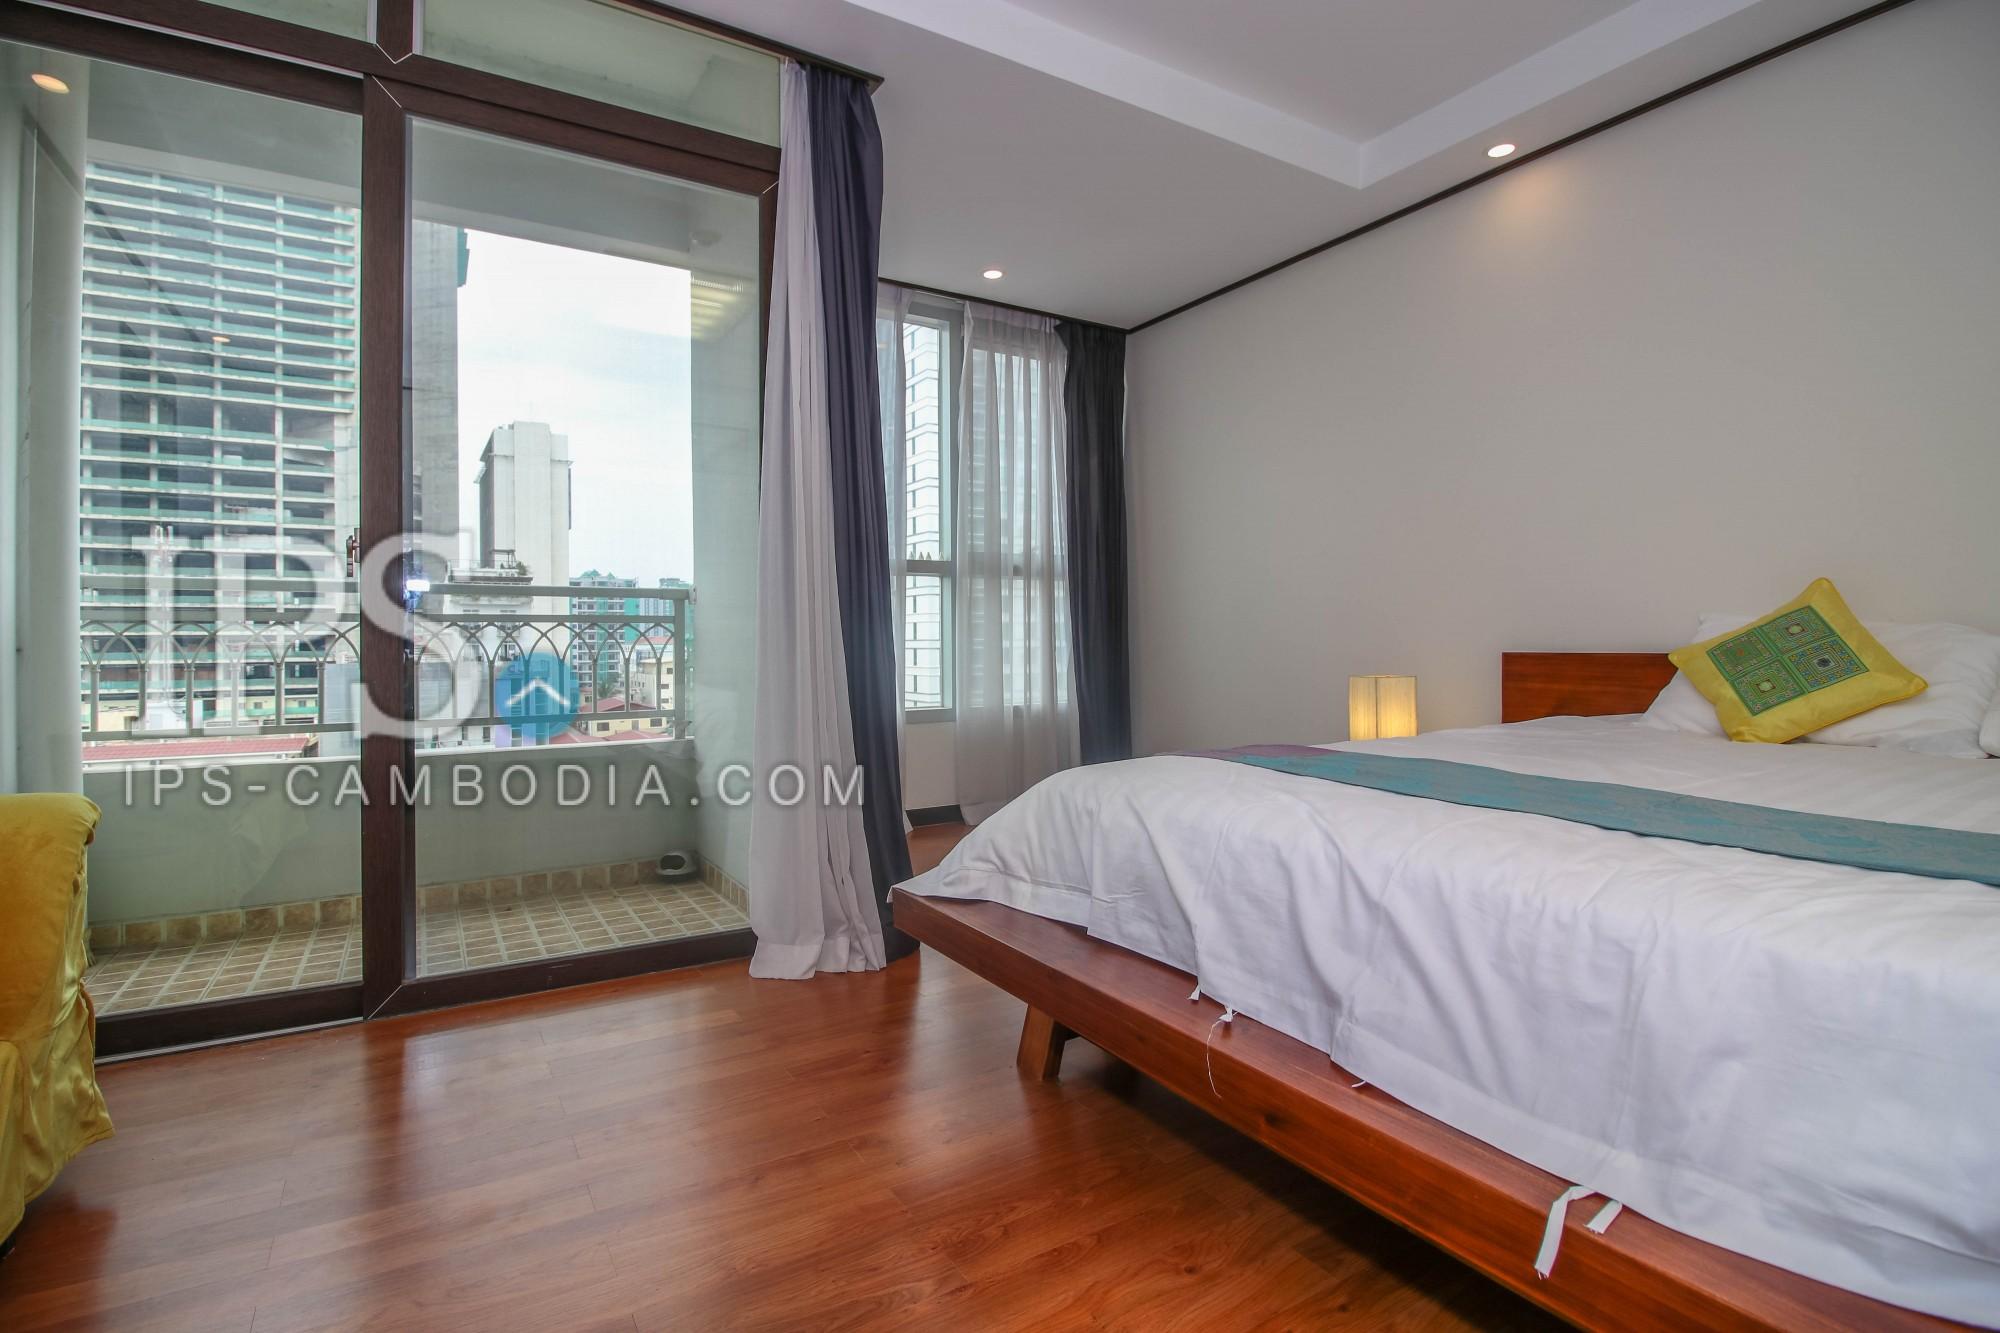 3 Bedroom Apartment For Rent - BKK1 along Monivong Blvd.